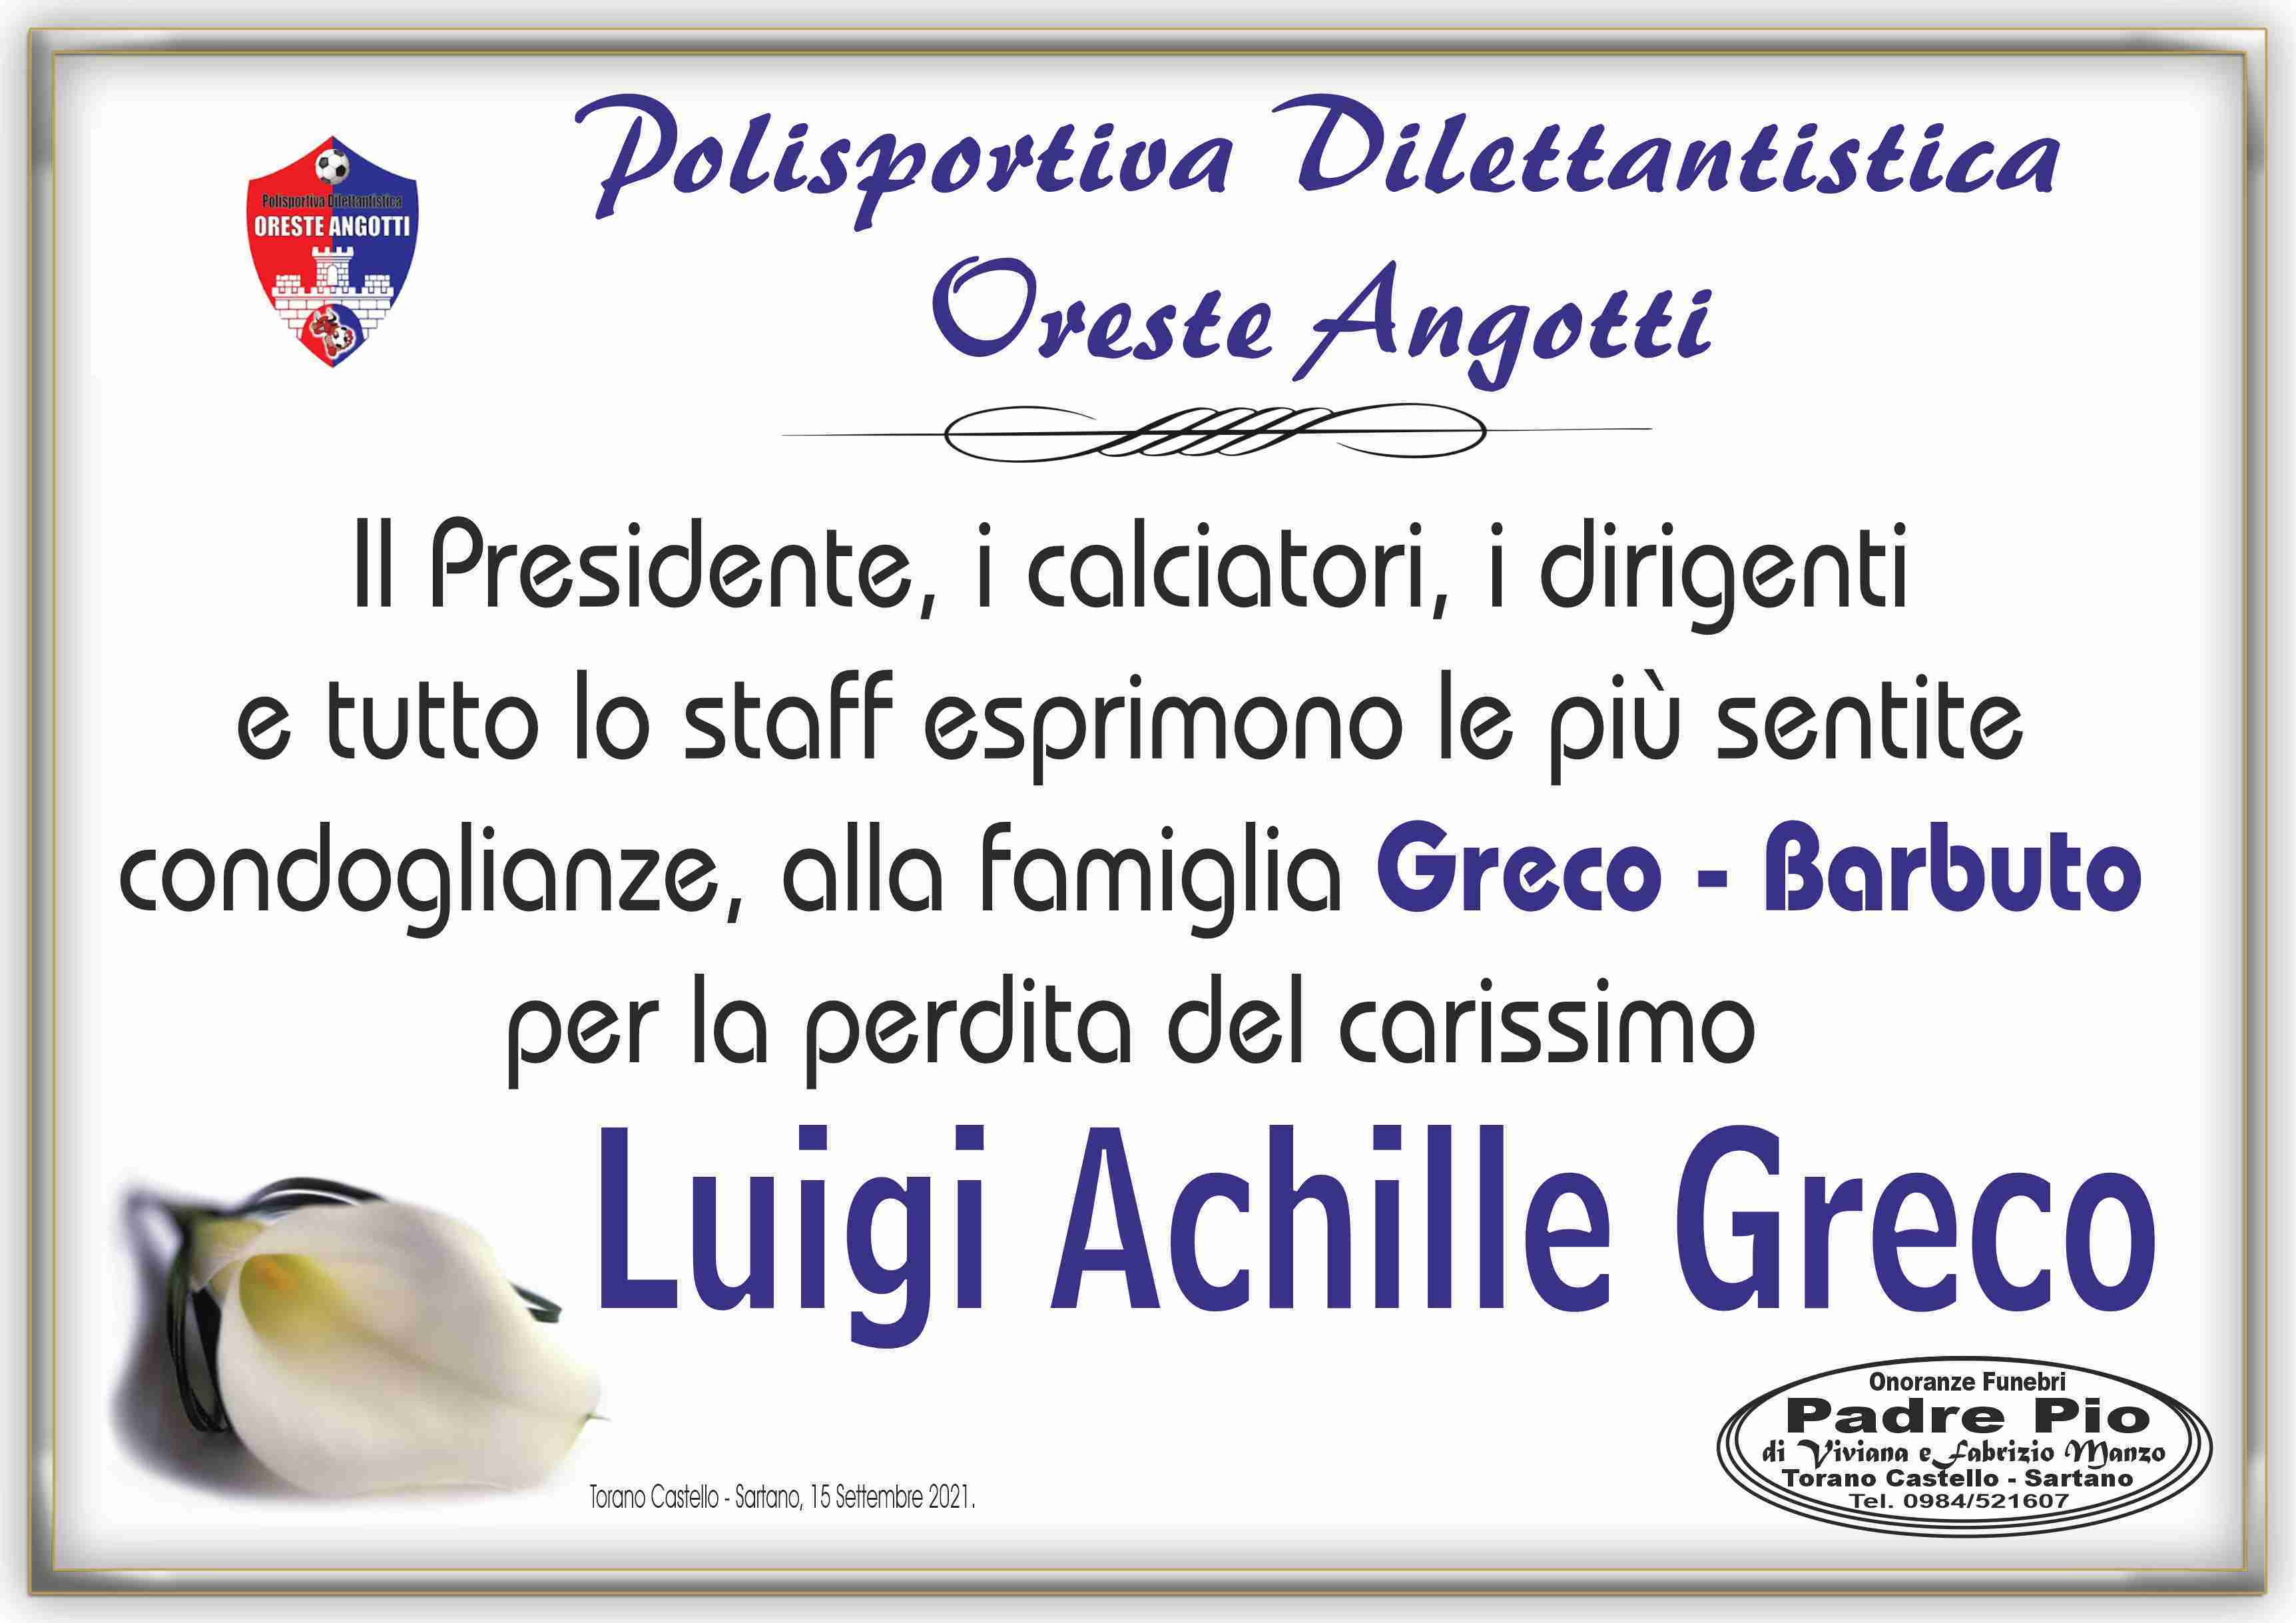 Luigi Achille Greco